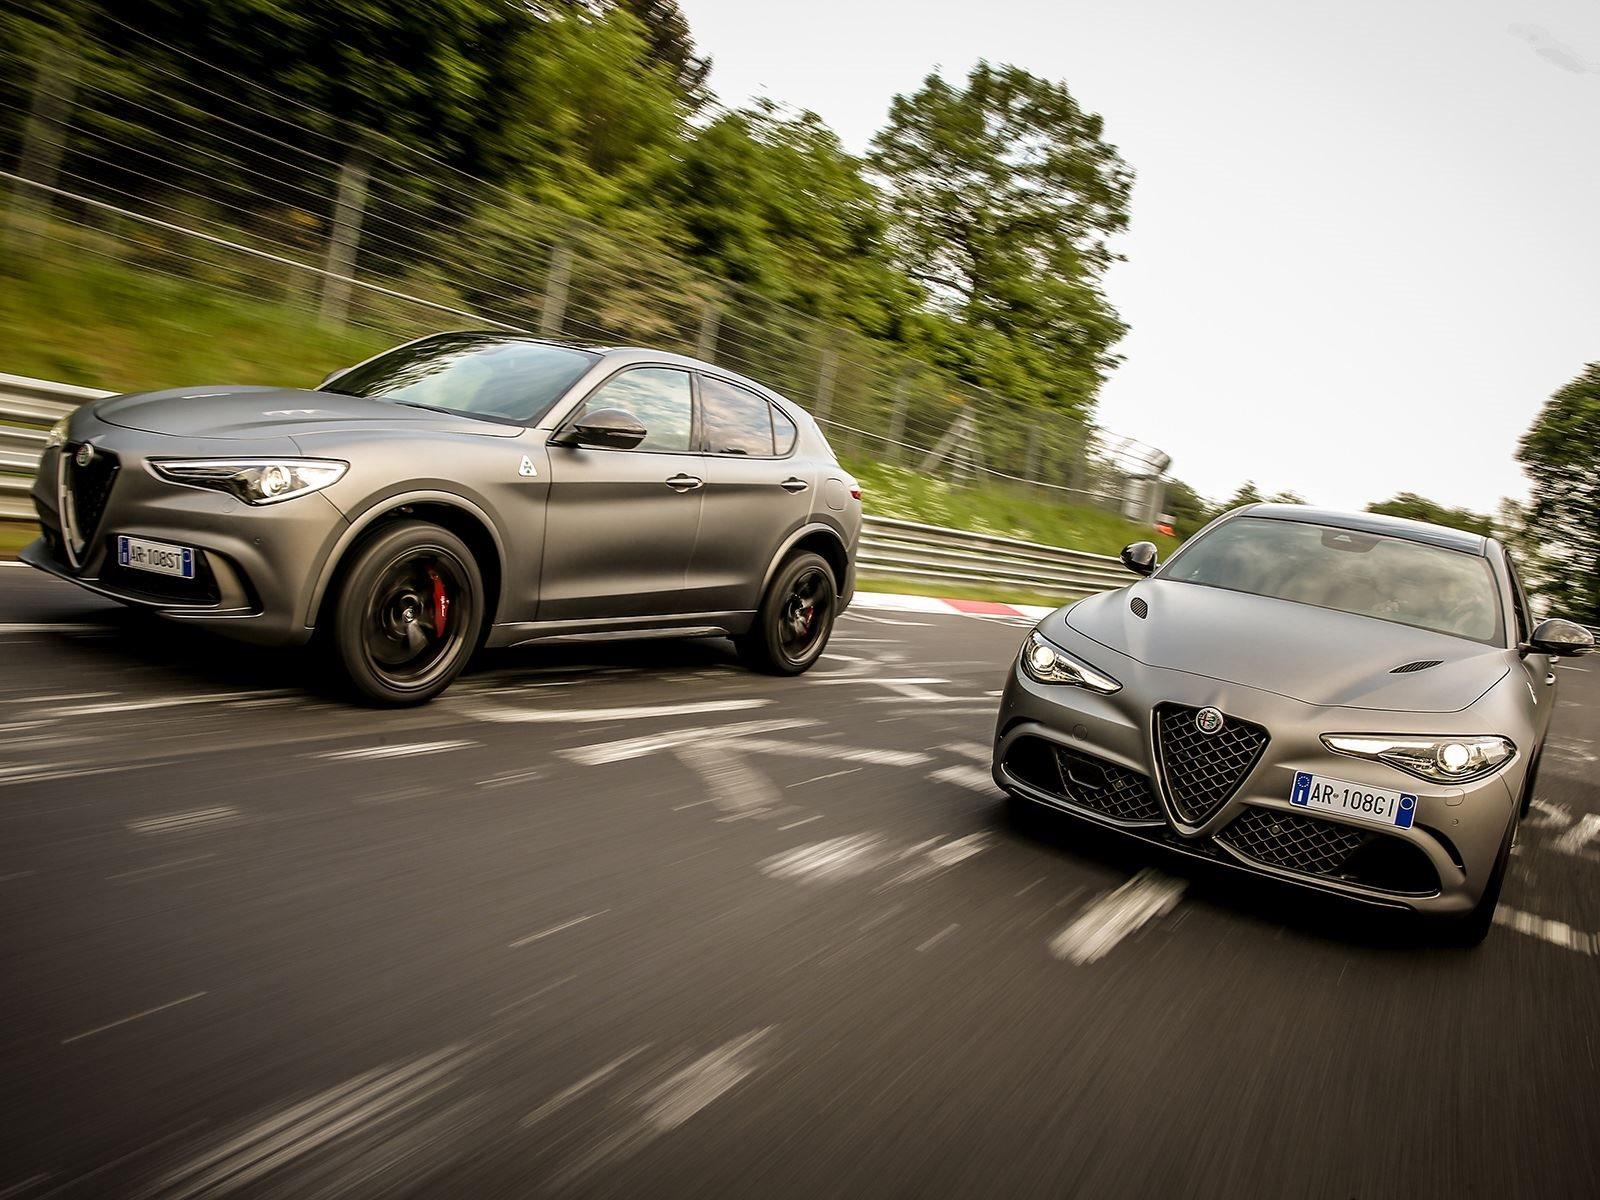 В заднеприводной Giulia Quadrifoglio, разгон от 0 до 100 км/ч занимает всего 3,9 секунды, прежде чем внедорожник достигнет 305 км/ч. Полноприводный Stelvio разгоняется до сотни за 3,8 секунды и достигнет максимальной скорости 280 км/ч. Владельцам спе